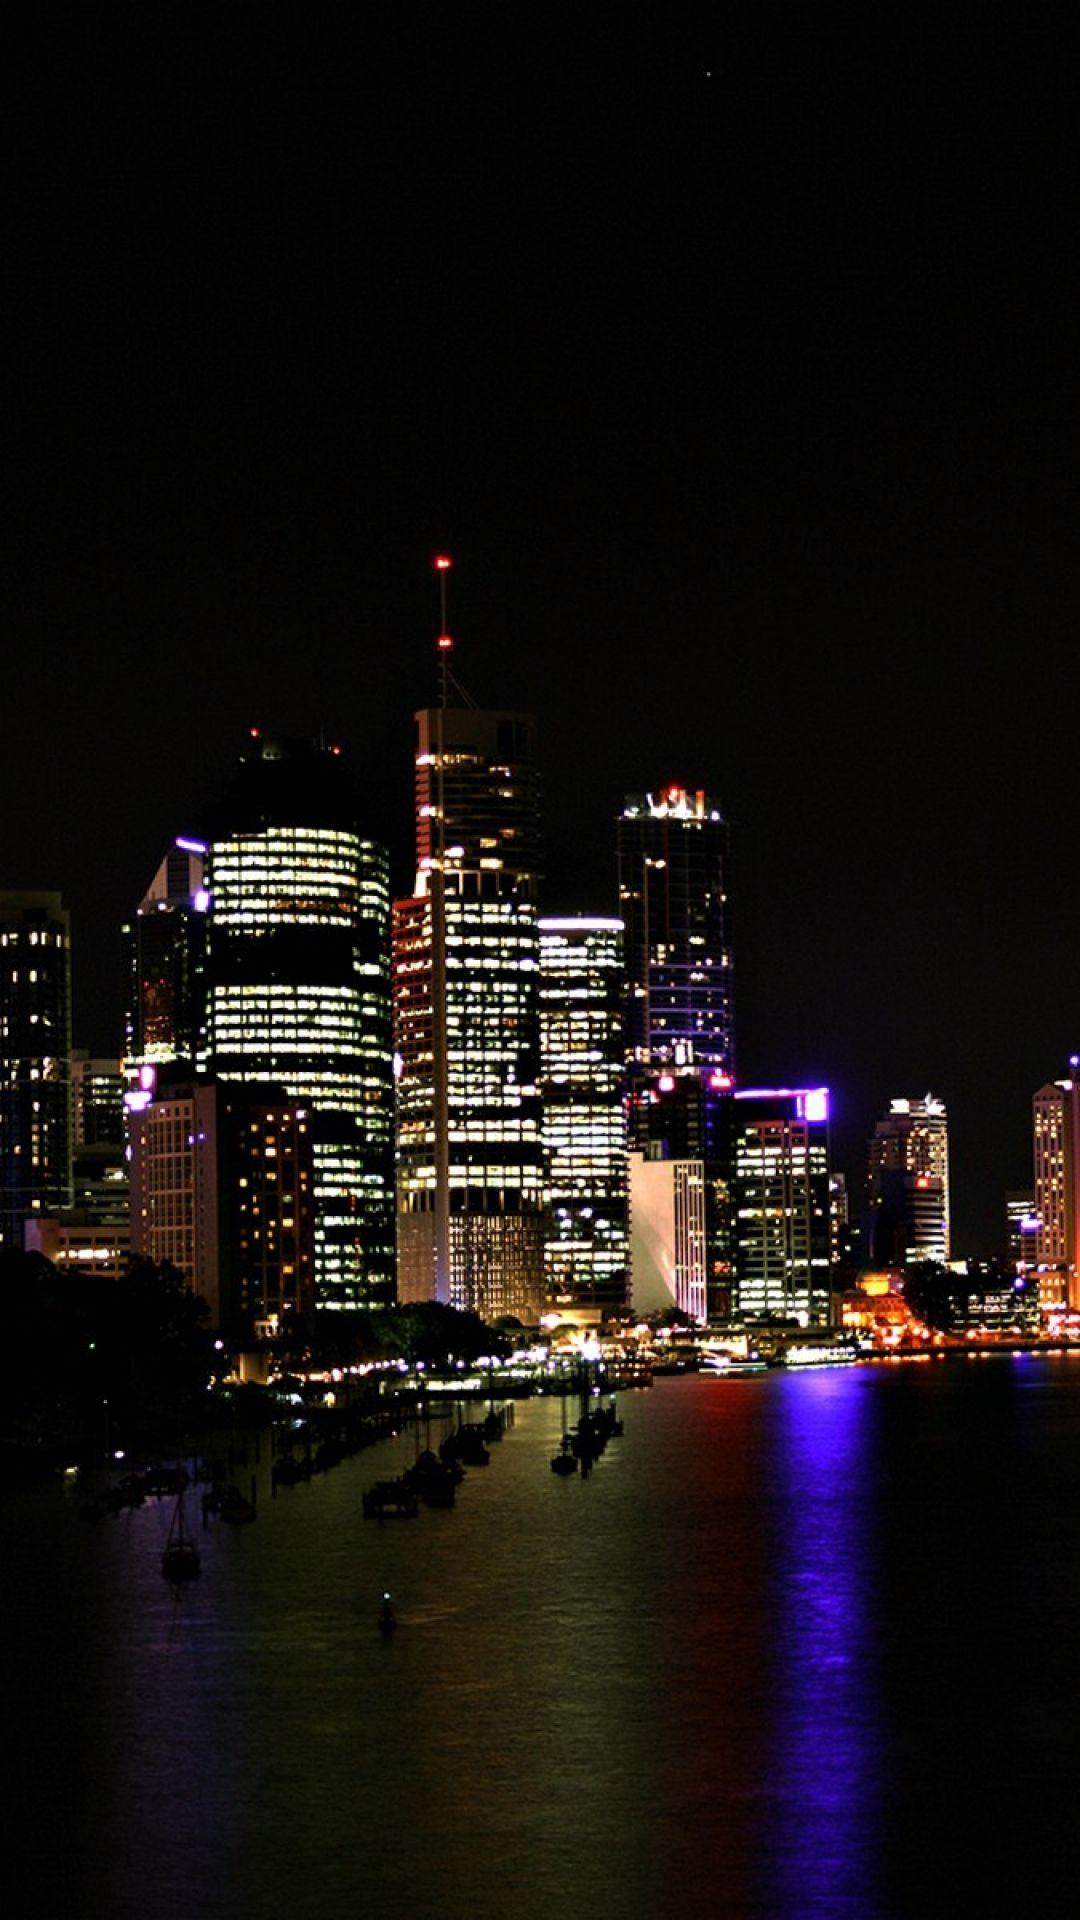 фото картинки ночного города на телефон мельников